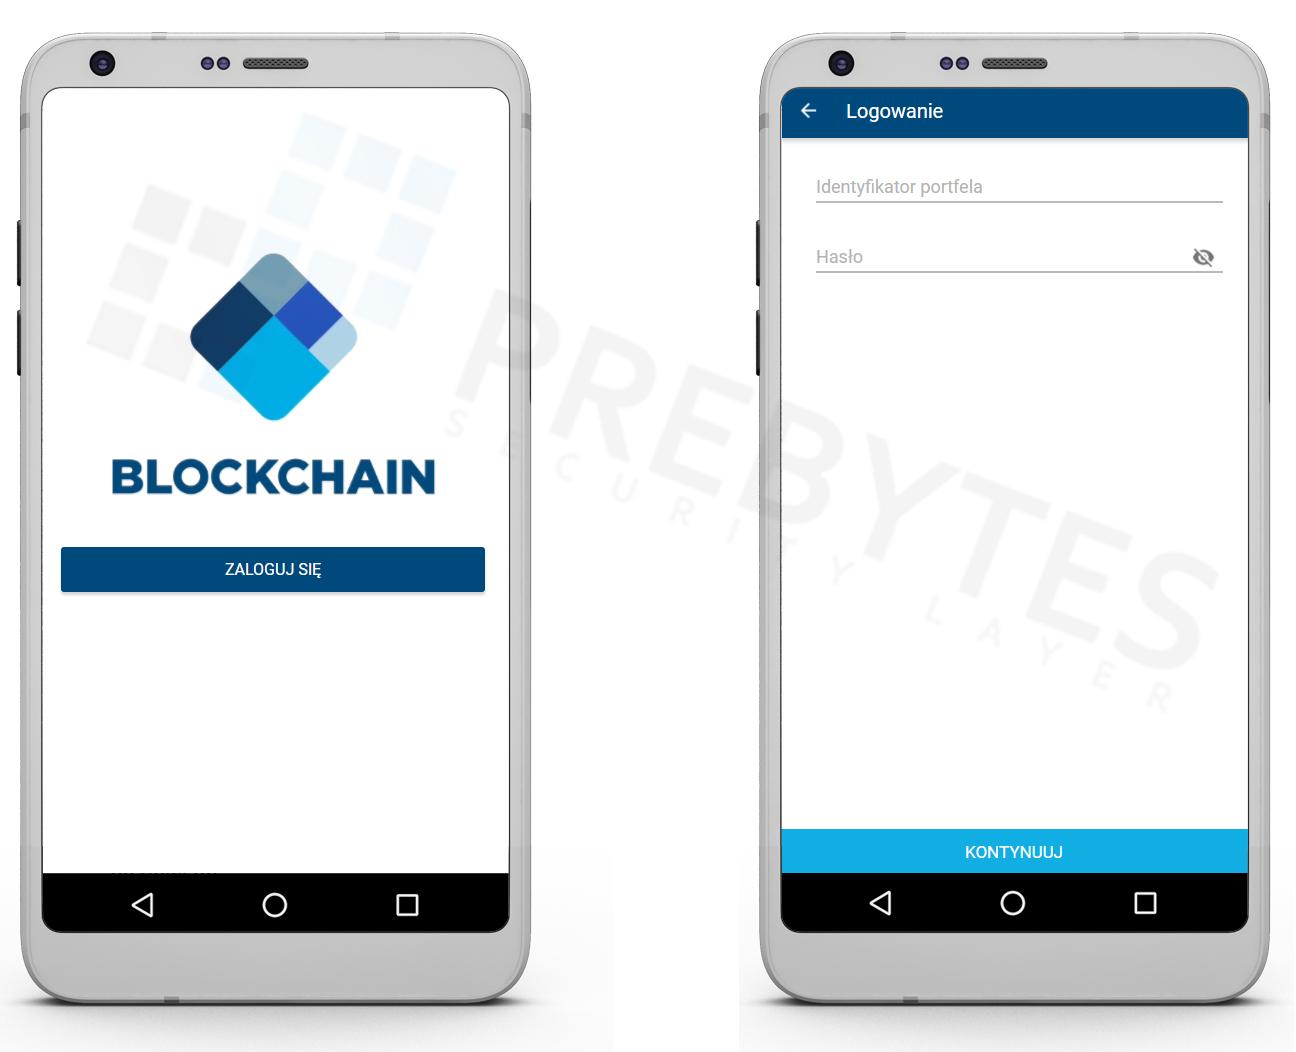 Blockchain_falszywe_nakladki-1